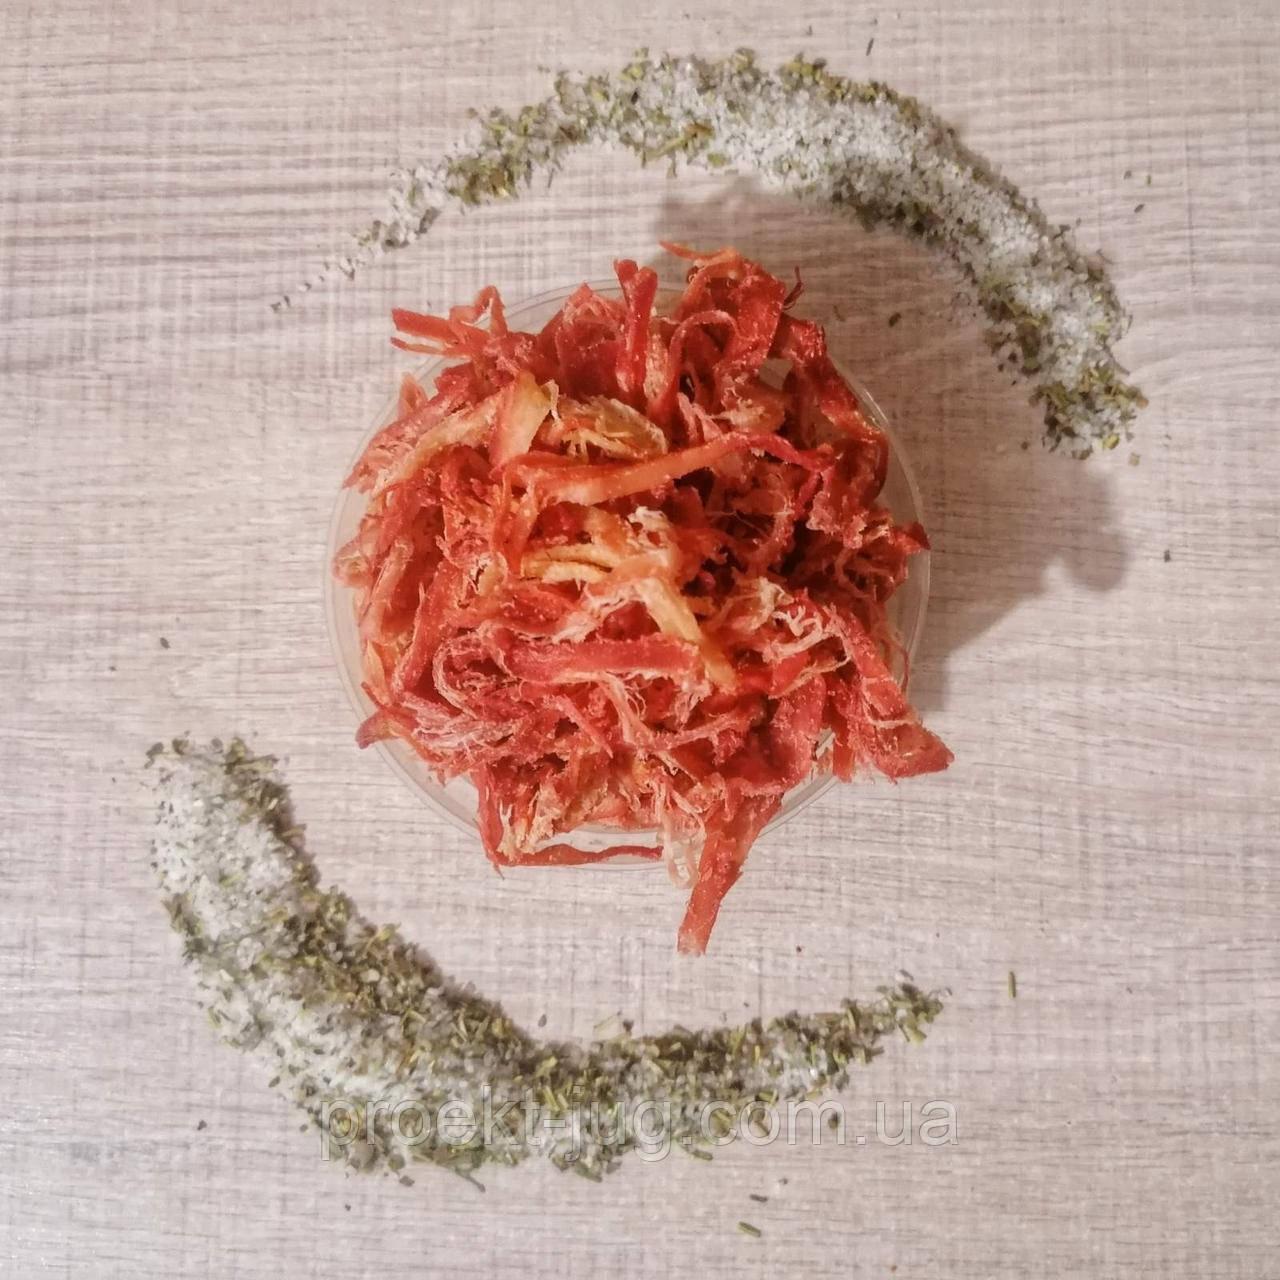 Стружка кальмара со вкусом краба 1 кг